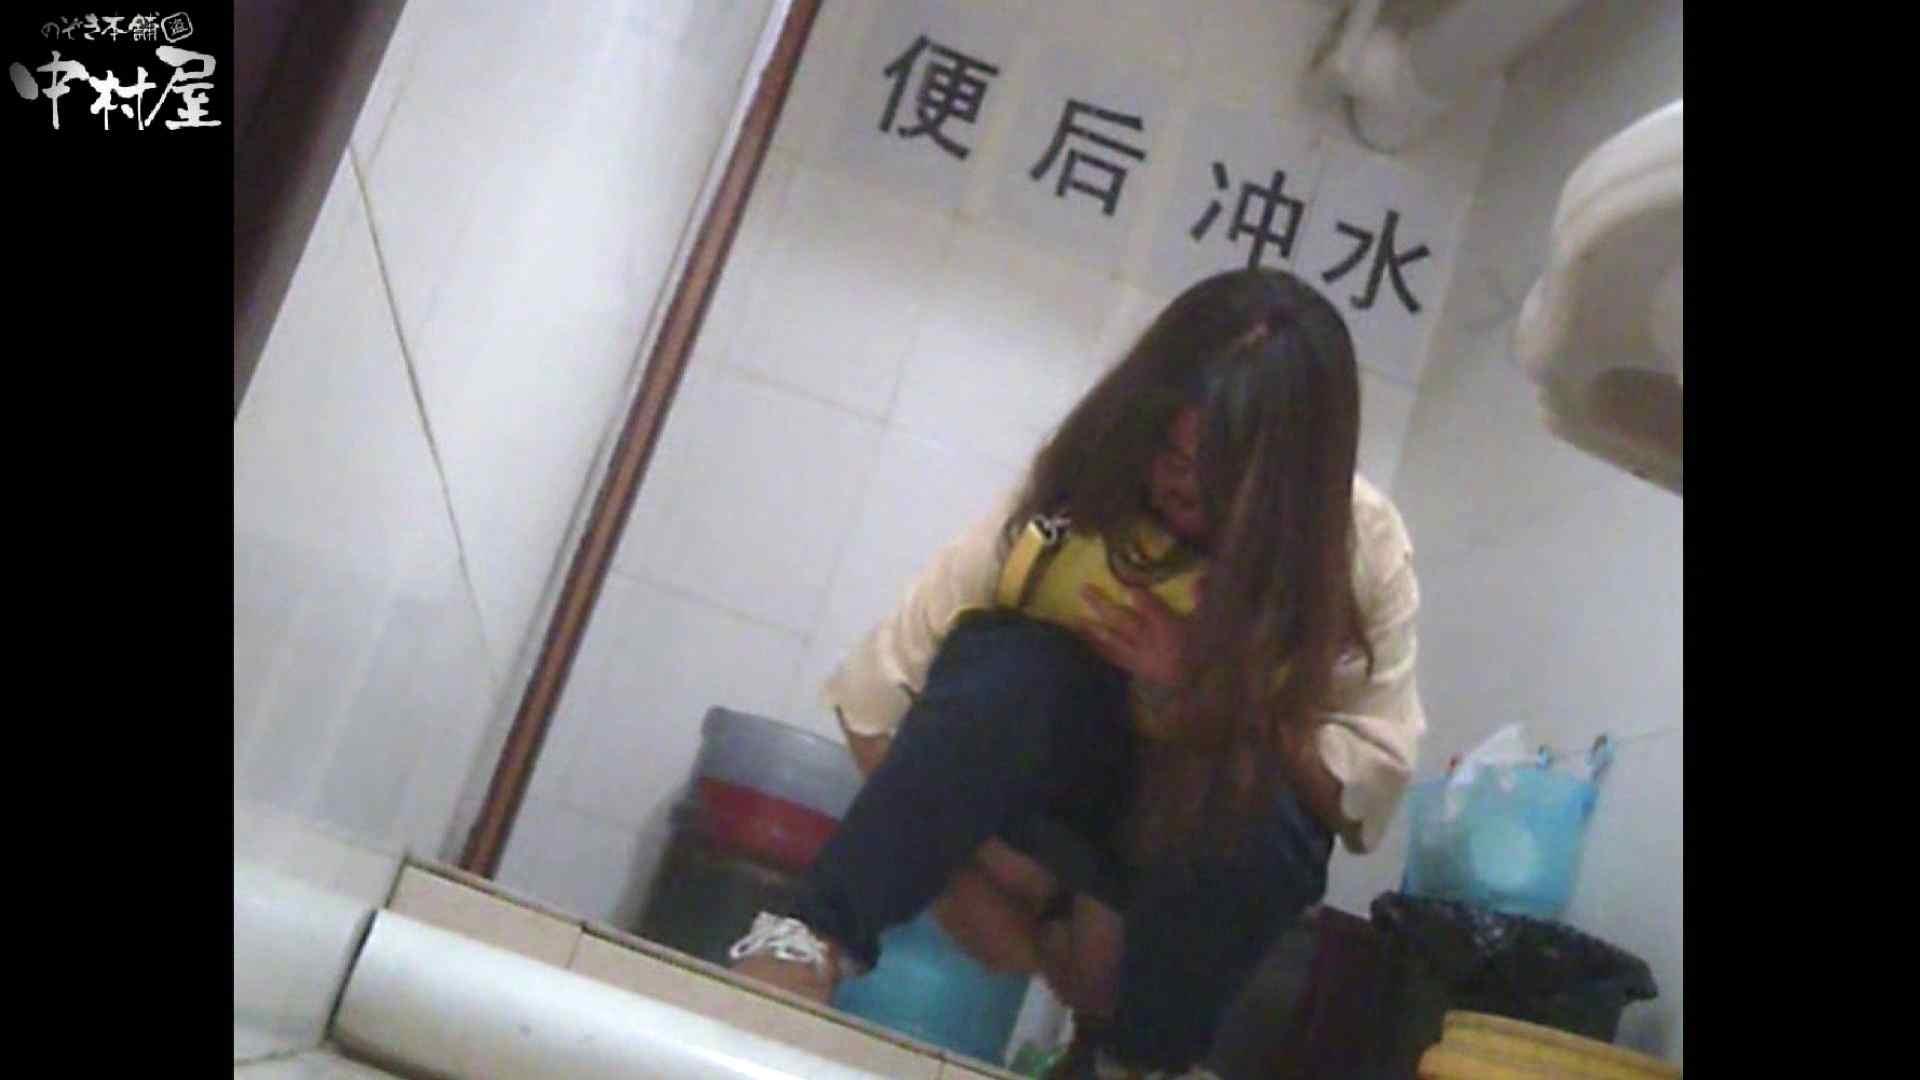 李さんの盗撮日記 Vol.09 盗撮 おめこ無修正画像 111画像 63